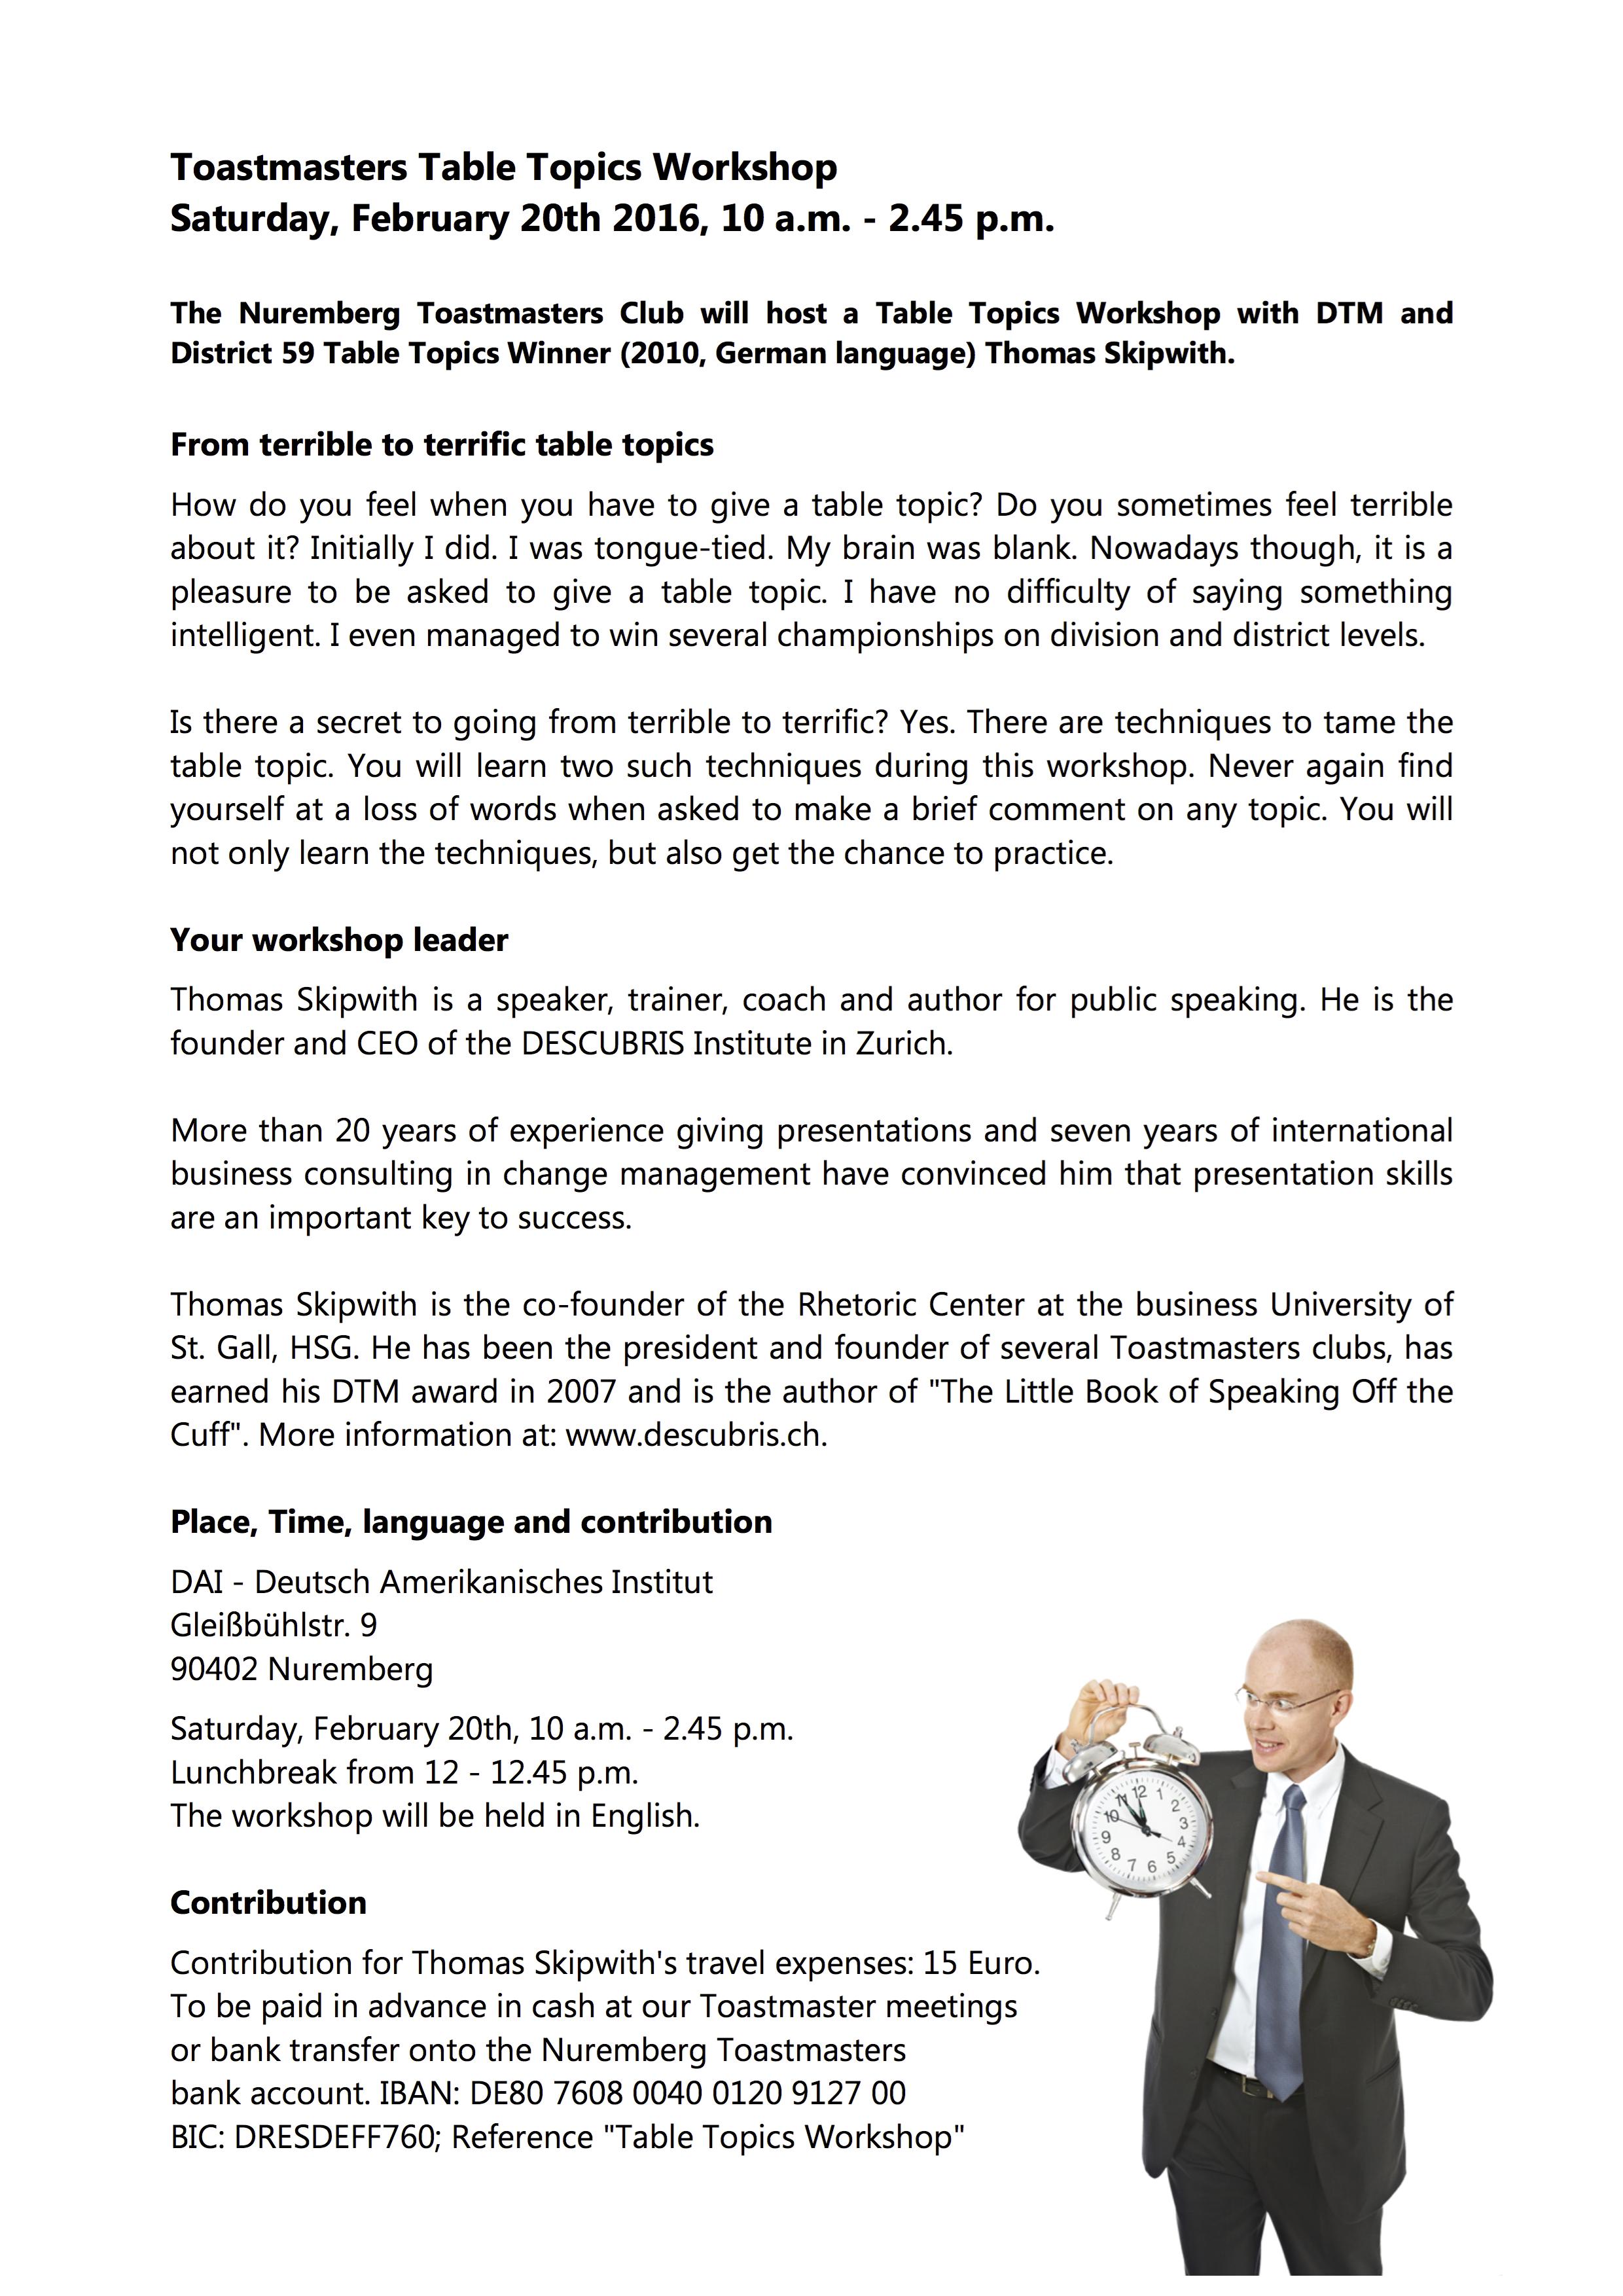 Nuremberg Toastmasters Table Topics Thomas Skipwith Workshop